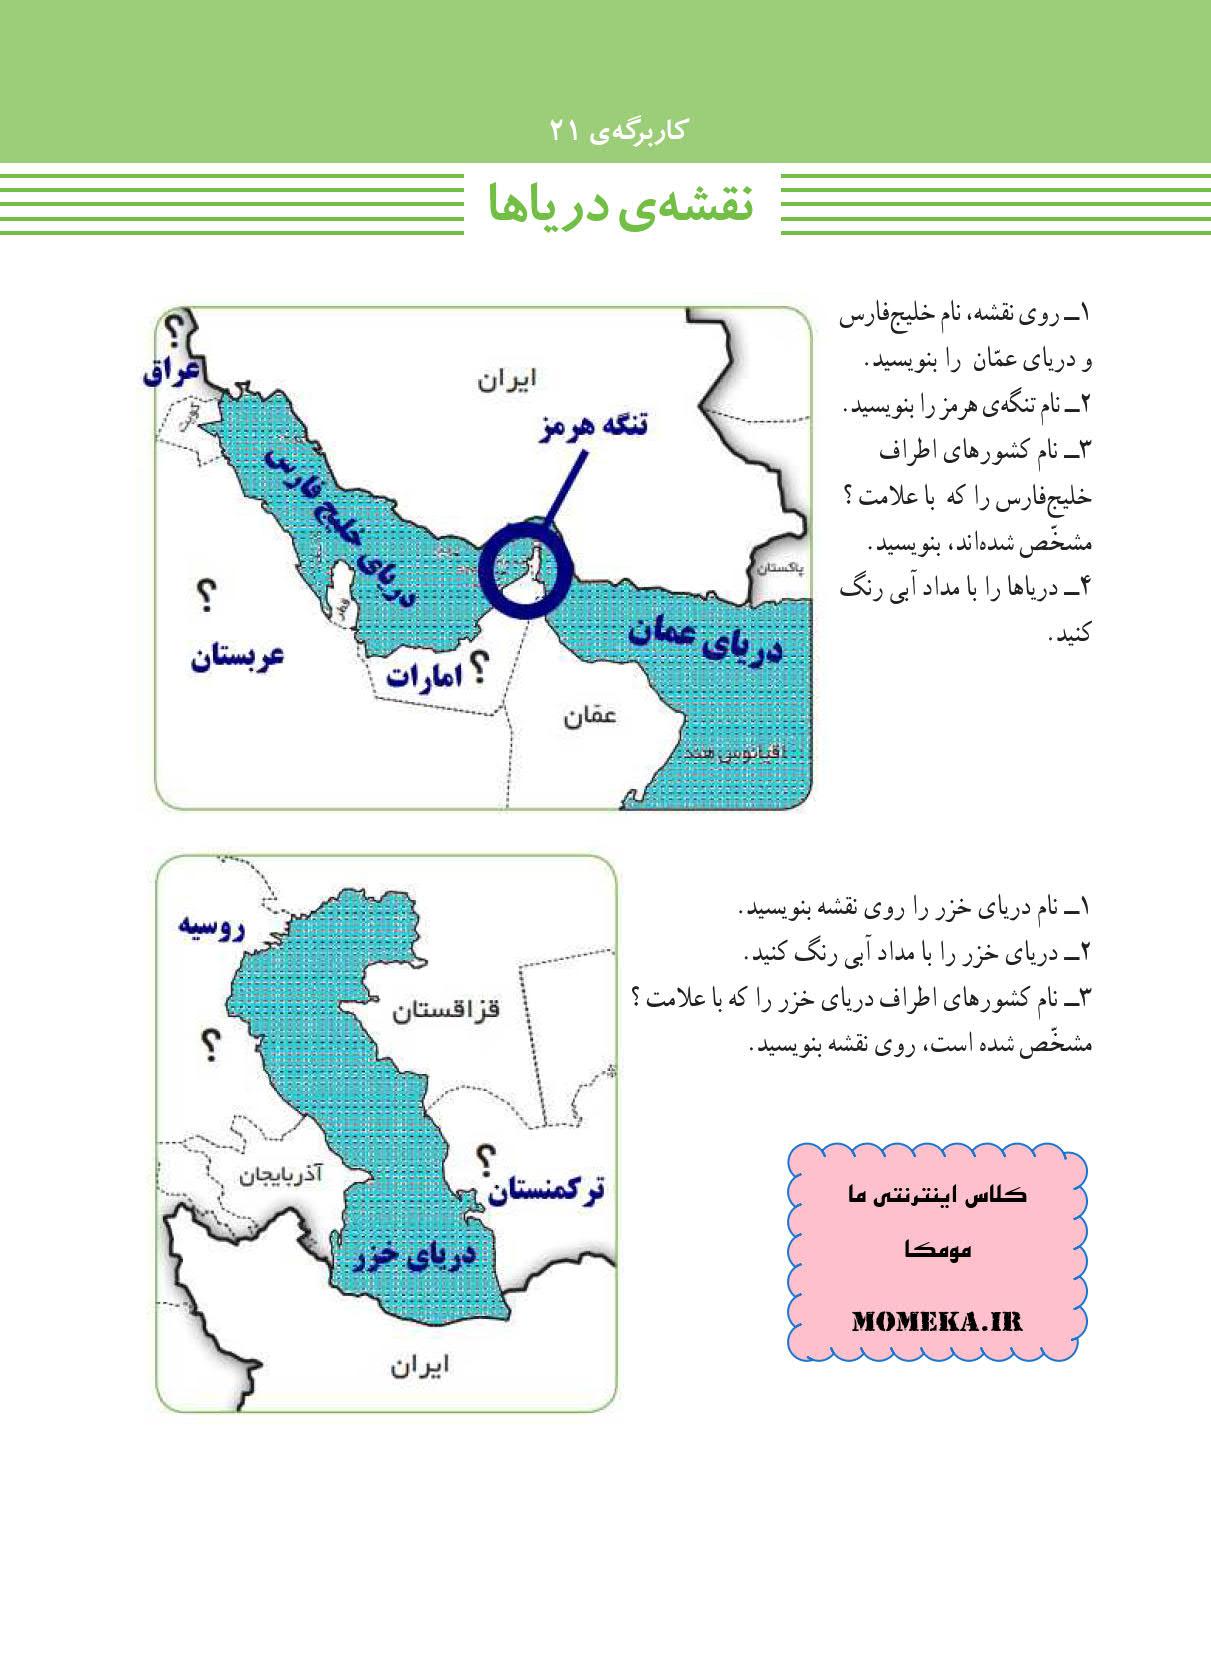 پاسخ کاربرگه های مطالعات ششم - درس هفدهم صفحه 145 - ویژگی های دریاهای ایران - کلاس اینترنتی ما - مومکا - momeka.ir (1)